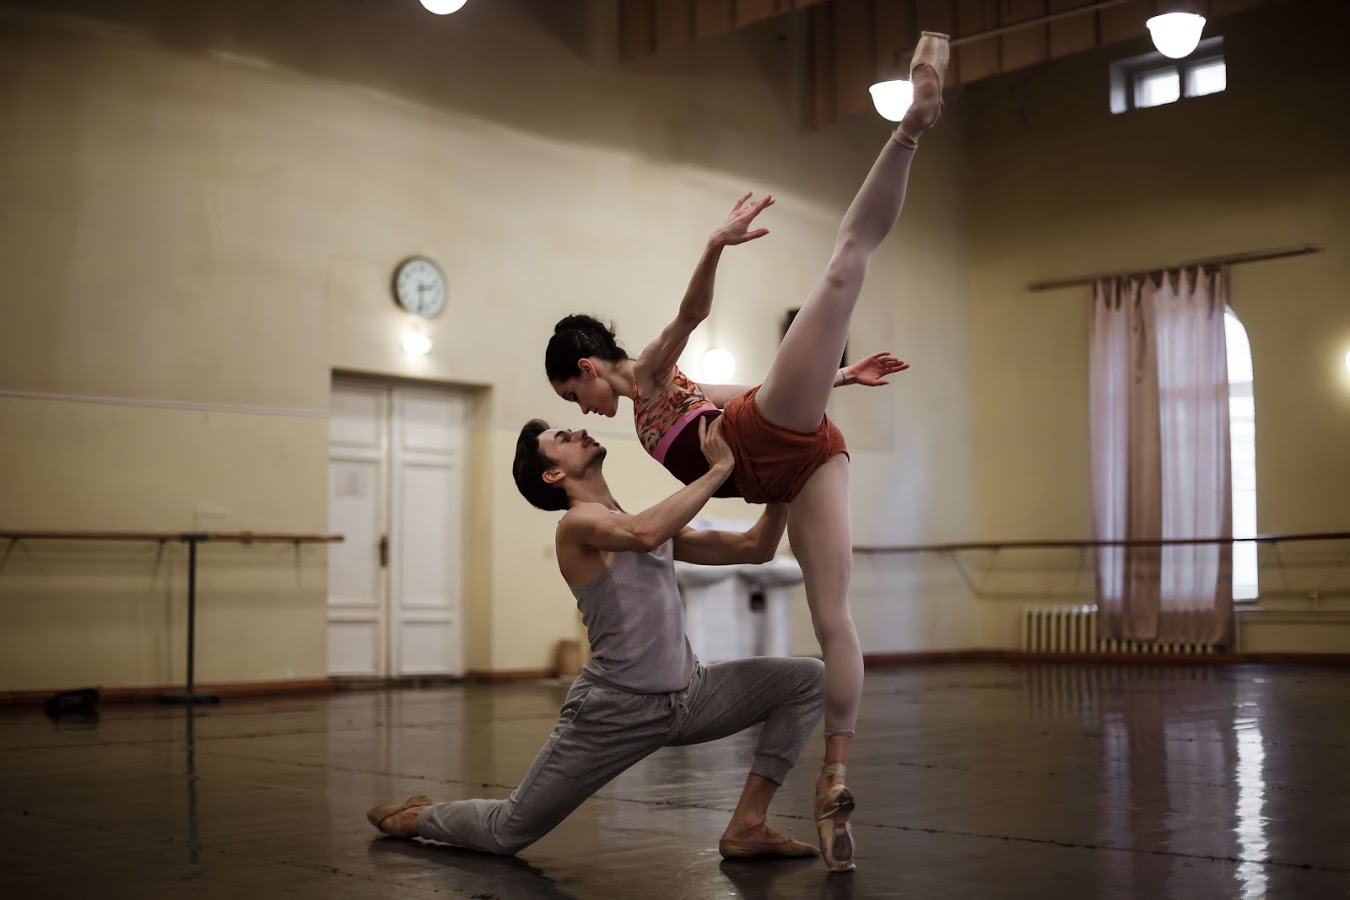 балета в приват фильмах натрите